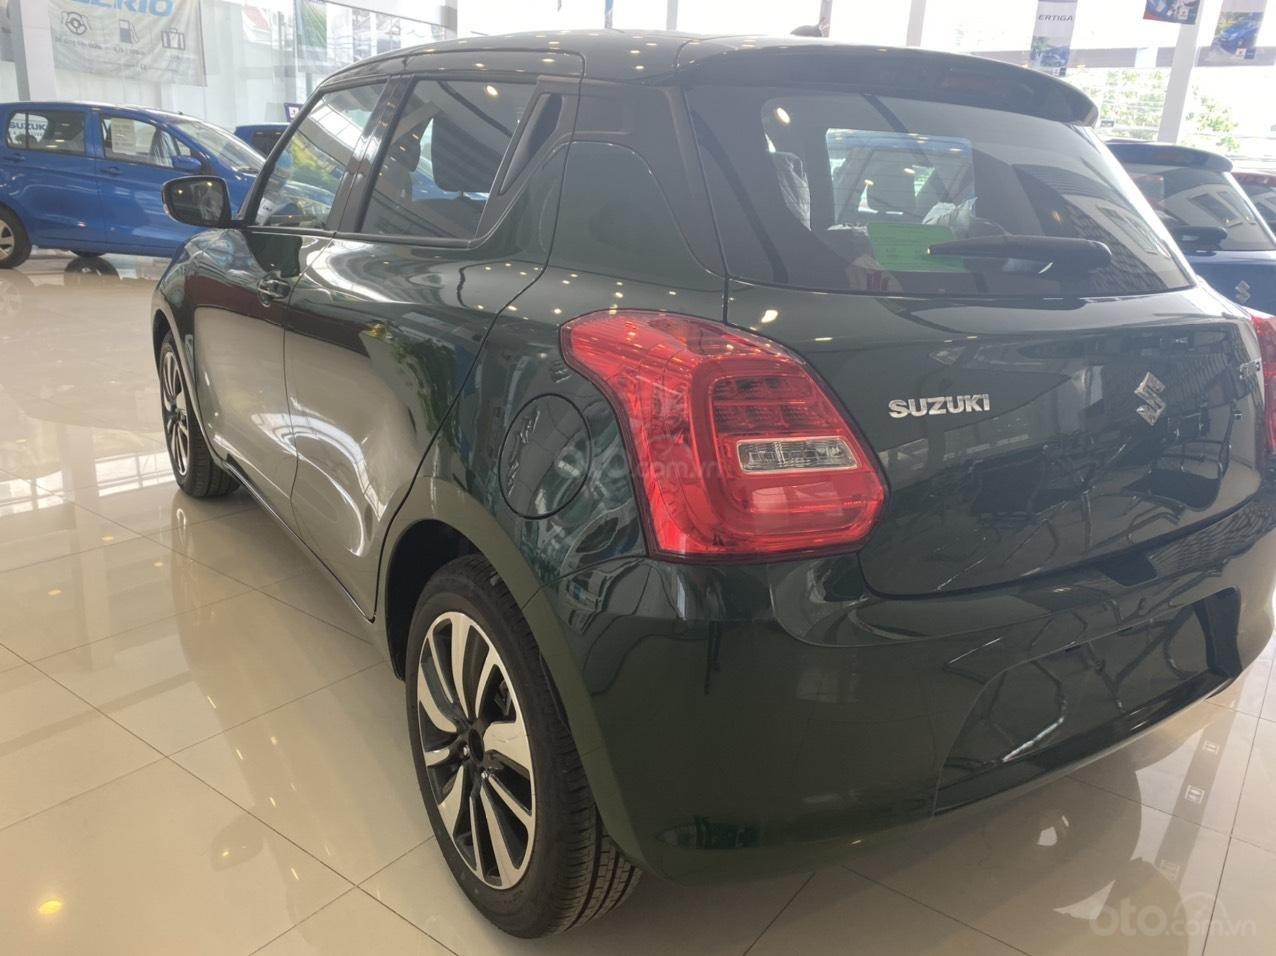 Suzuki Swift giá sốc đủ màu giao ngay, chỉ cần 100 triệu nhận xe (4)